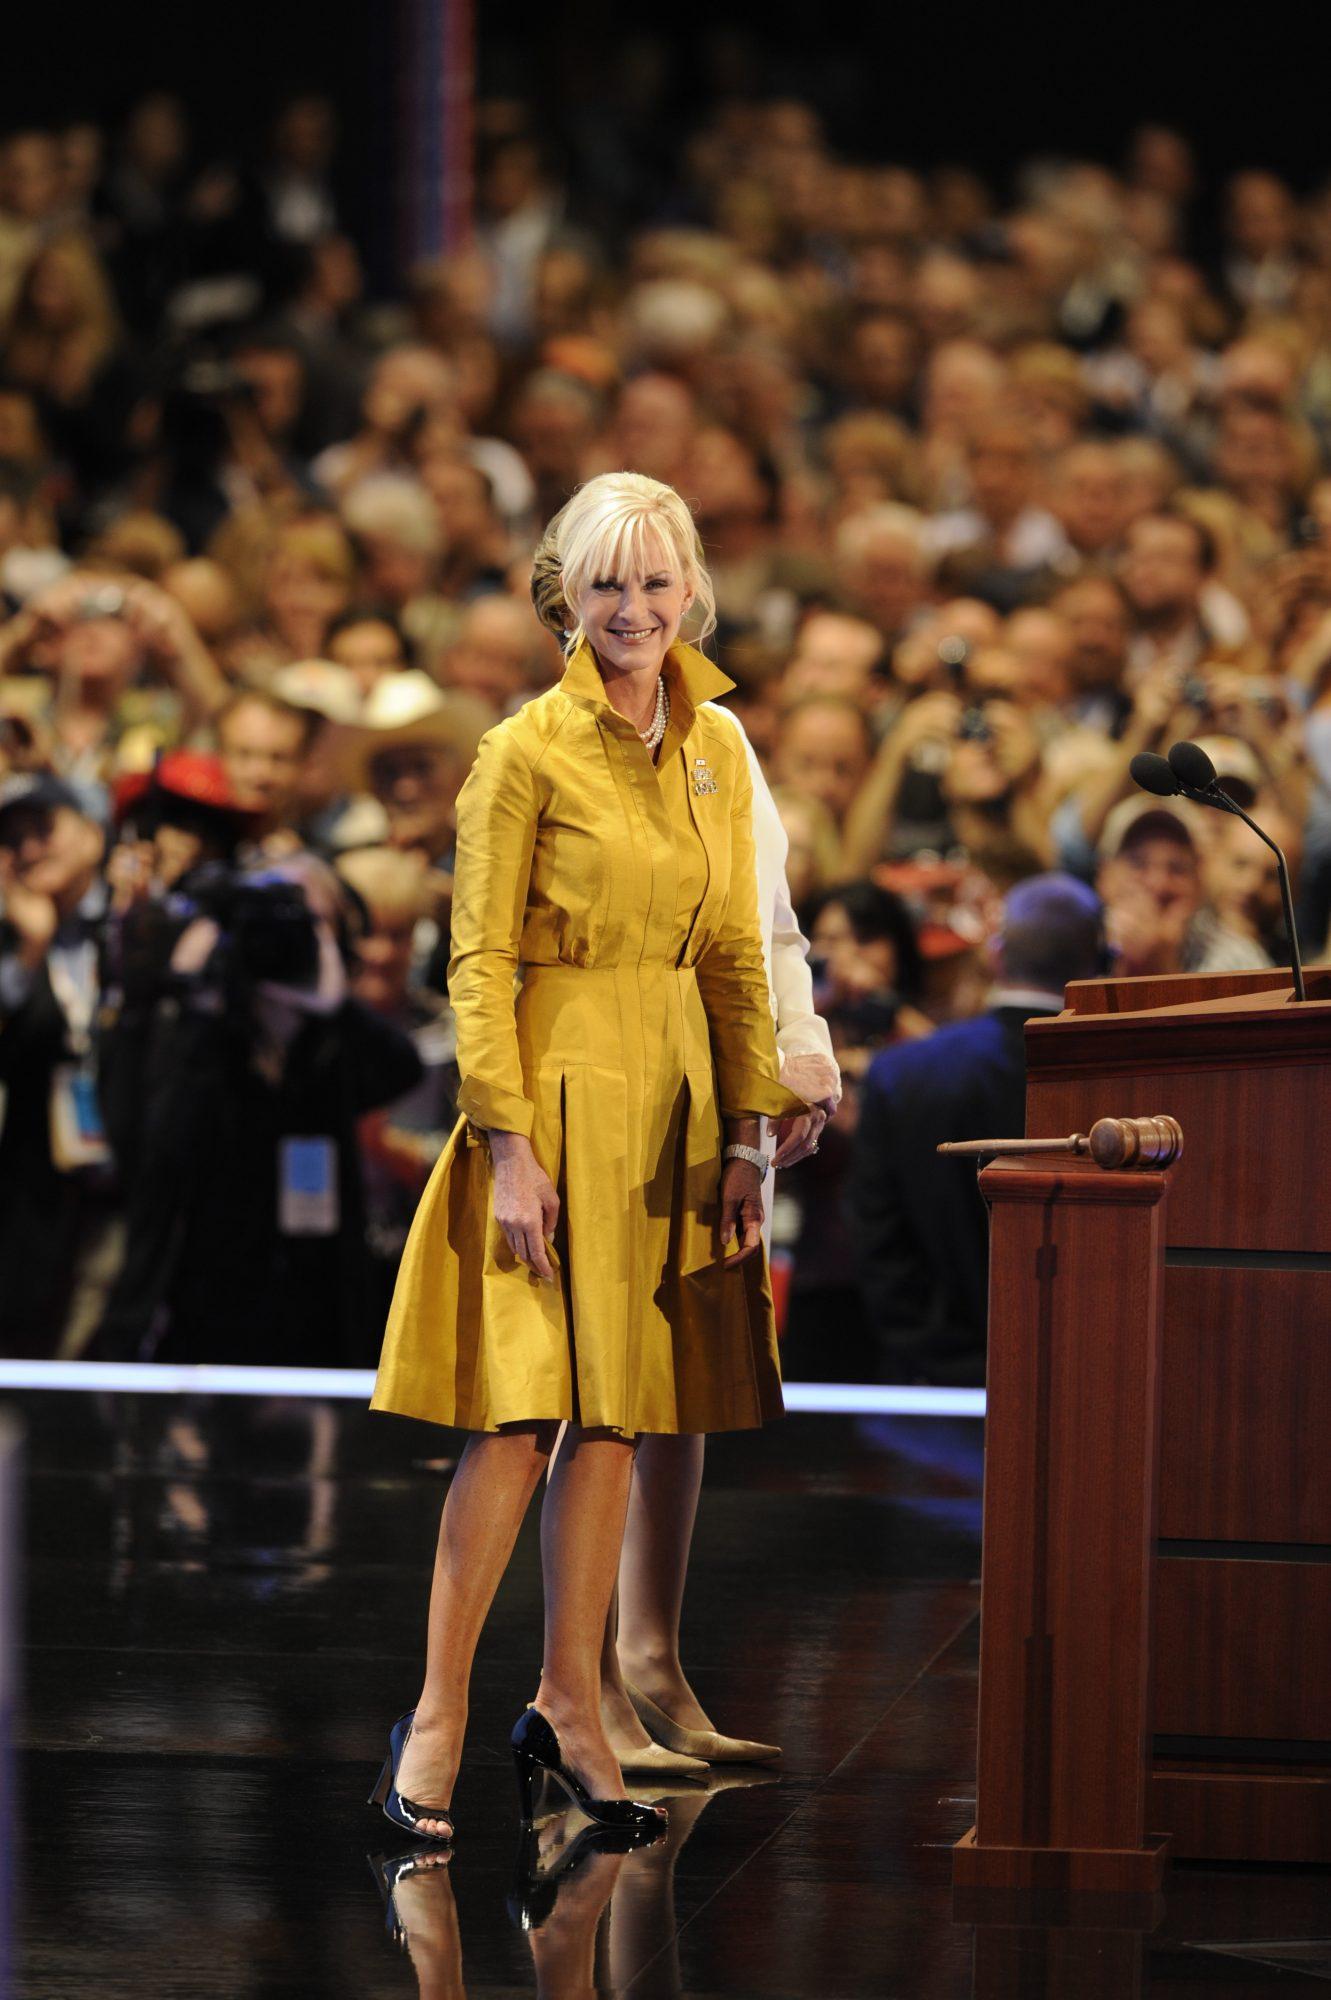 Cindy McCain vestido oscar de la Renta